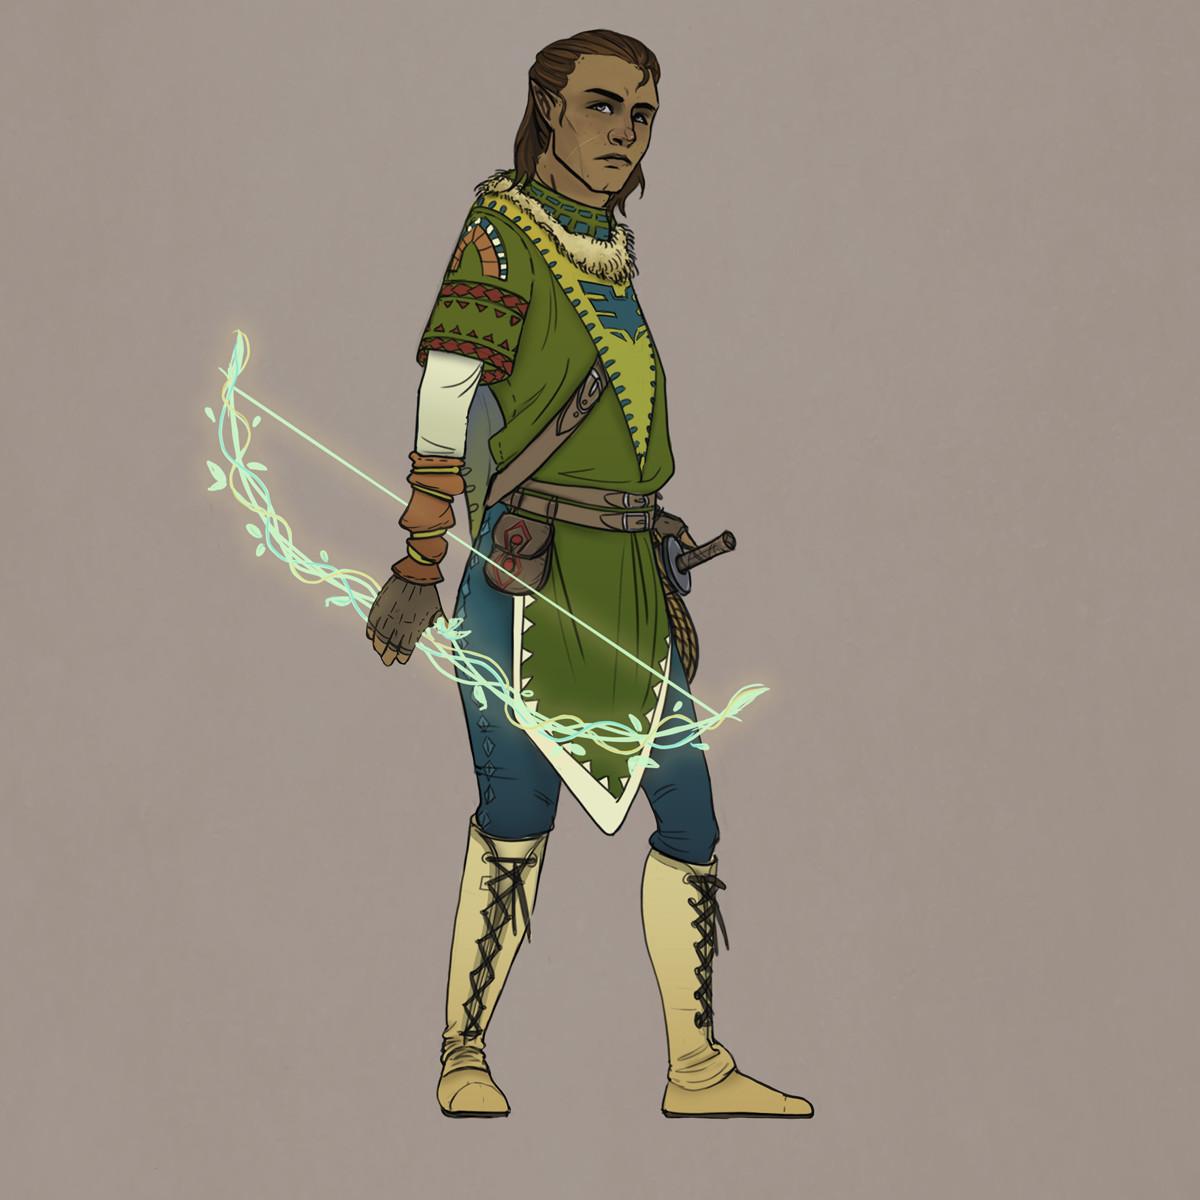 Epios armor design - archer initiate